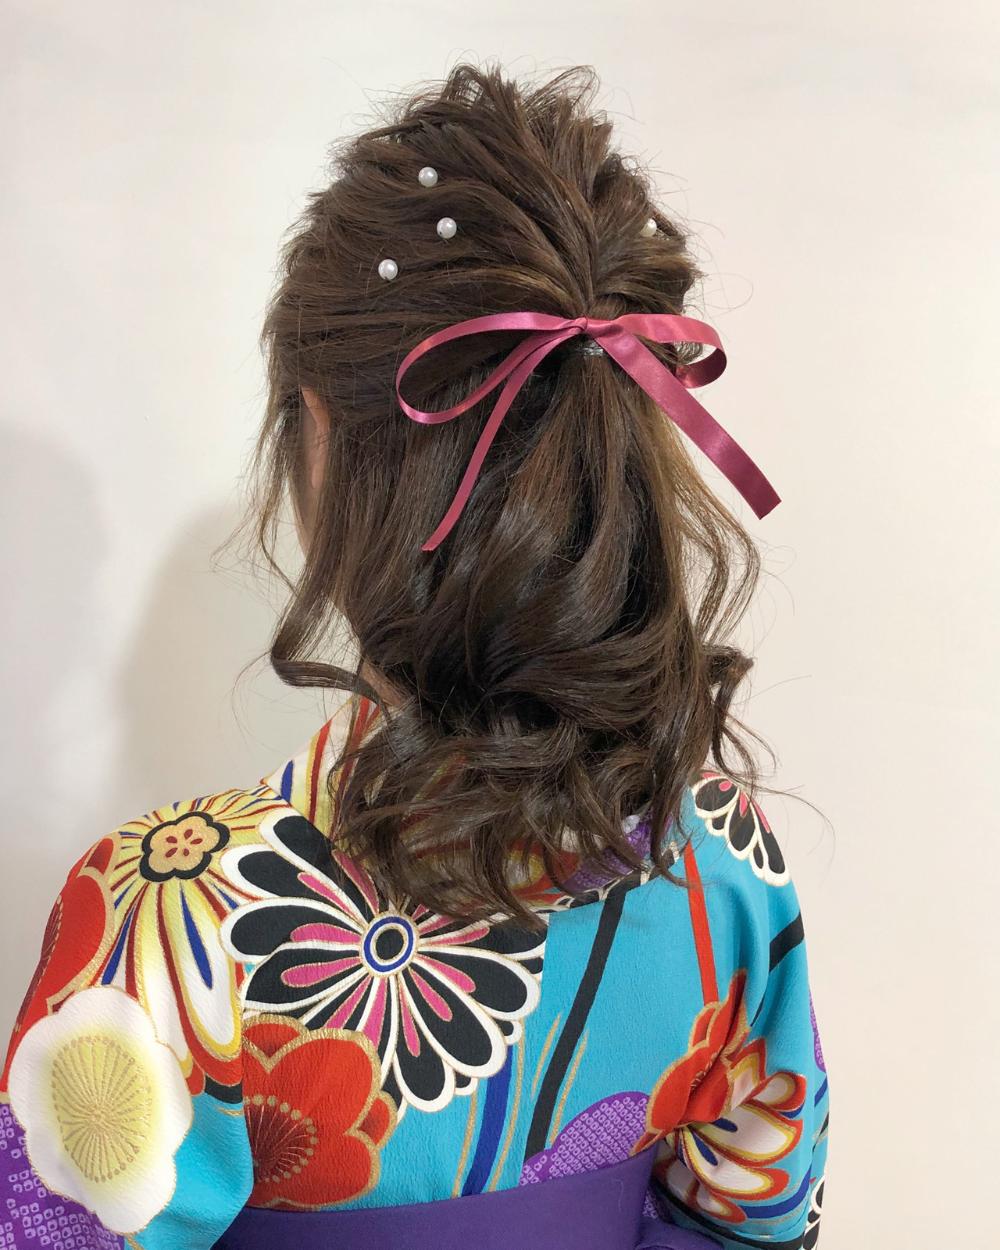 大和撫子になれちゃう愛らしい袴姿をもっと素敵にしてくれる髪型大特集 Hair 卒業式 髪型 ミディアム 卒業式 髪型 髪に花